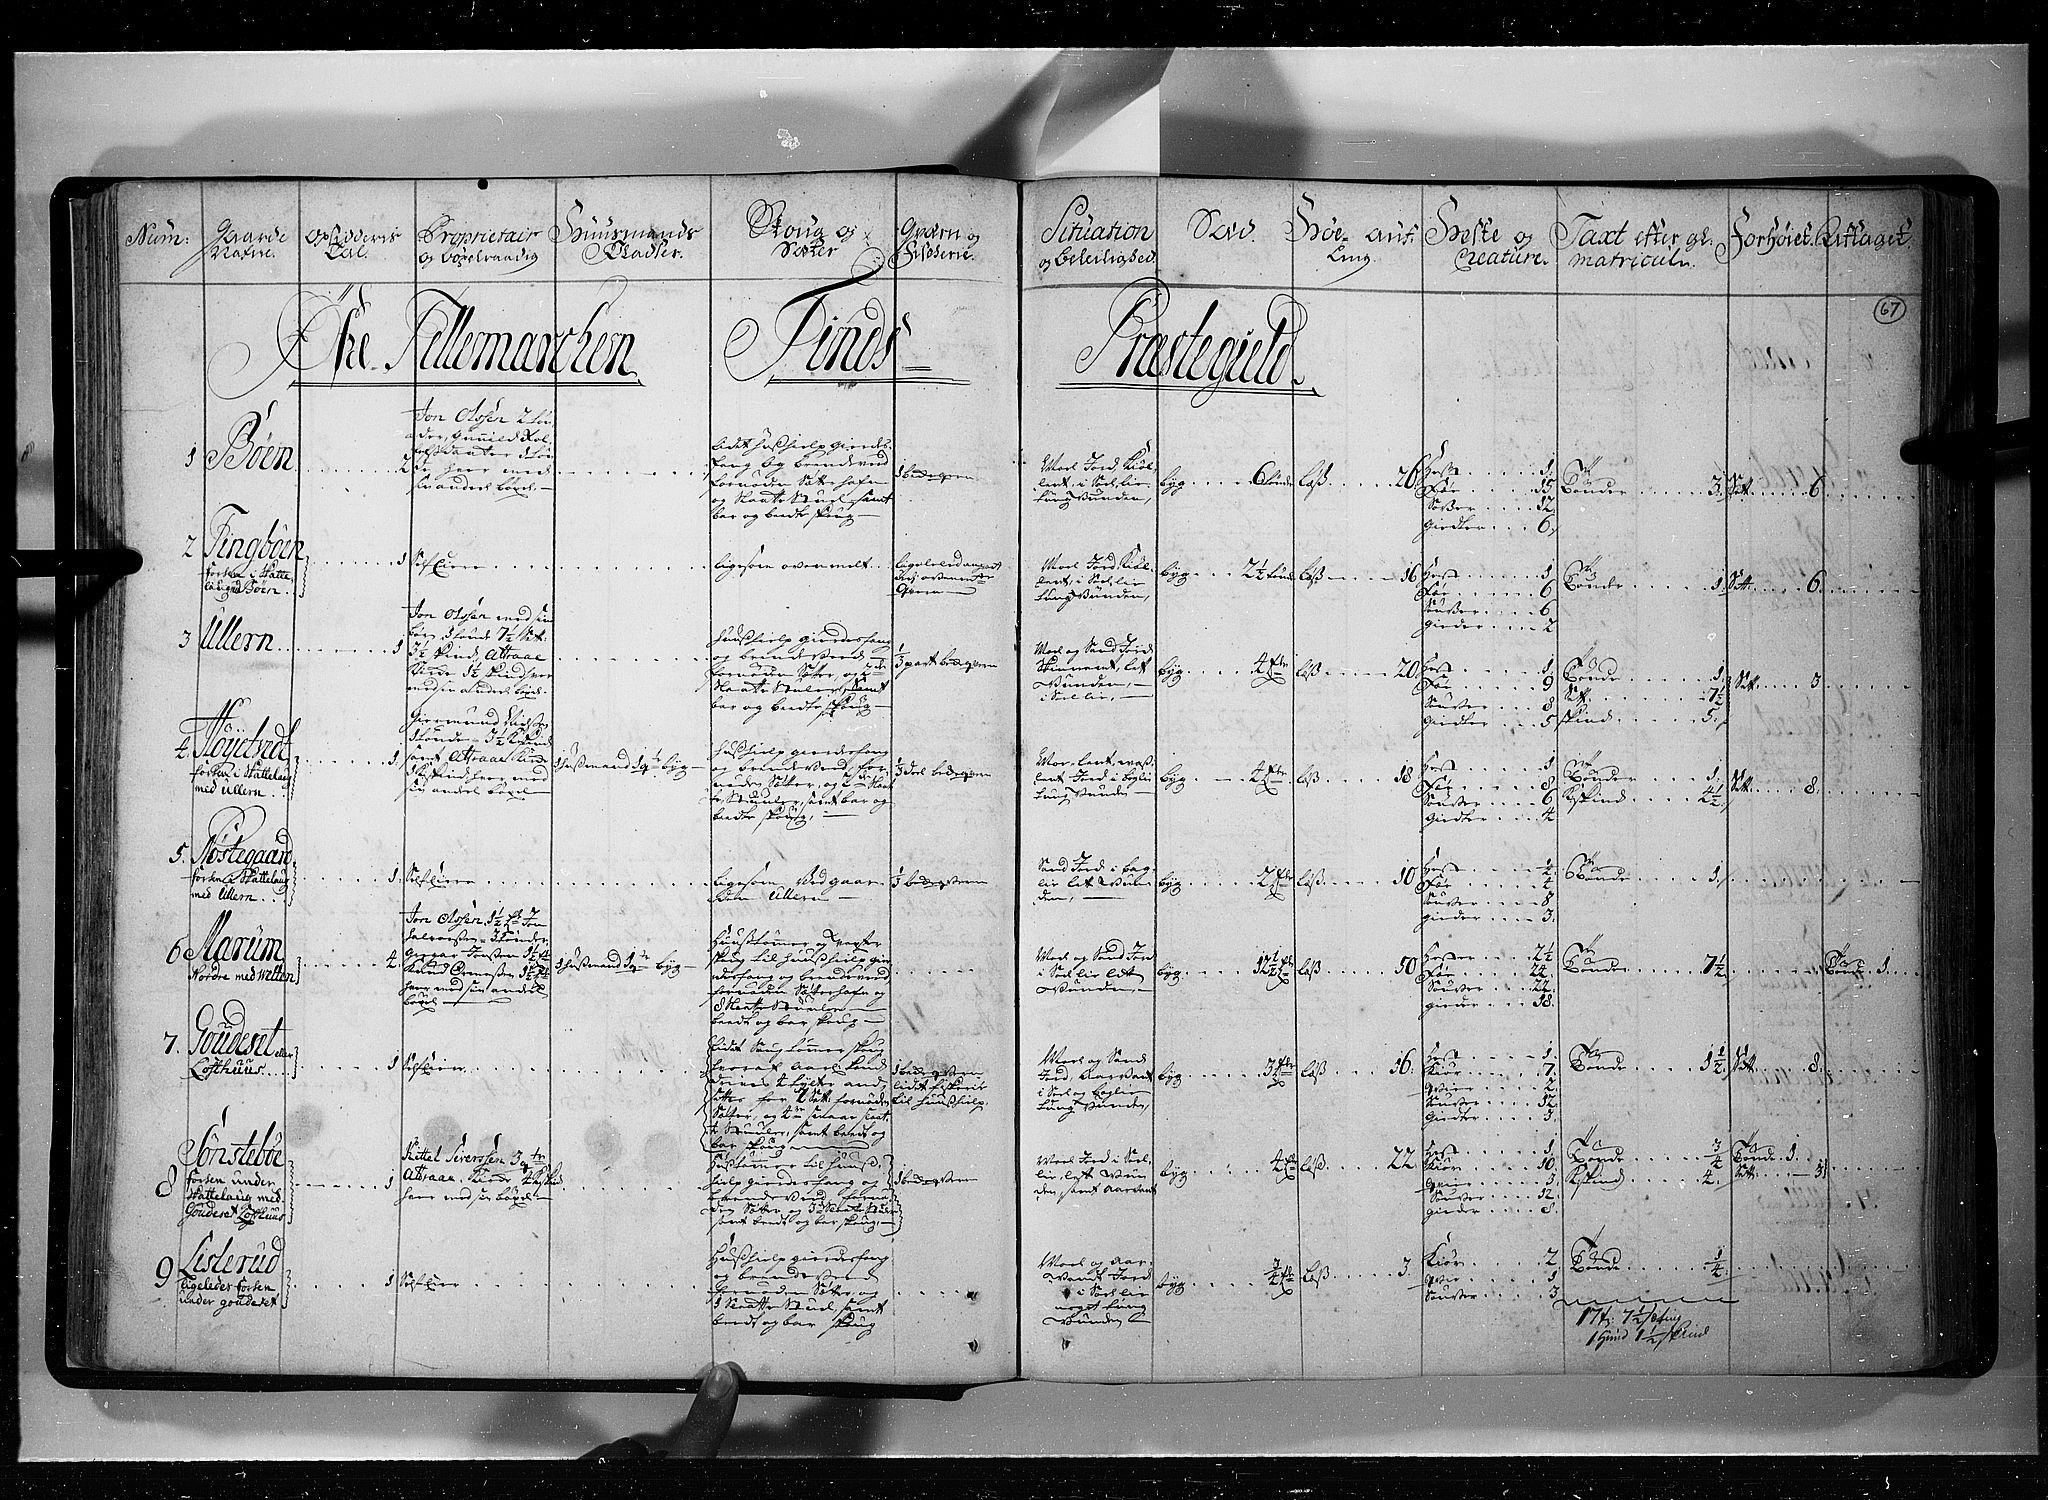 RA, Rentekammeret inntil 1814, Realistisk ordnet avdeling, N/Nb/Nbf/L0121: Øvre og Nedre Telemark eksaminasjonsprotokoll, 1723, s. 66b-67a